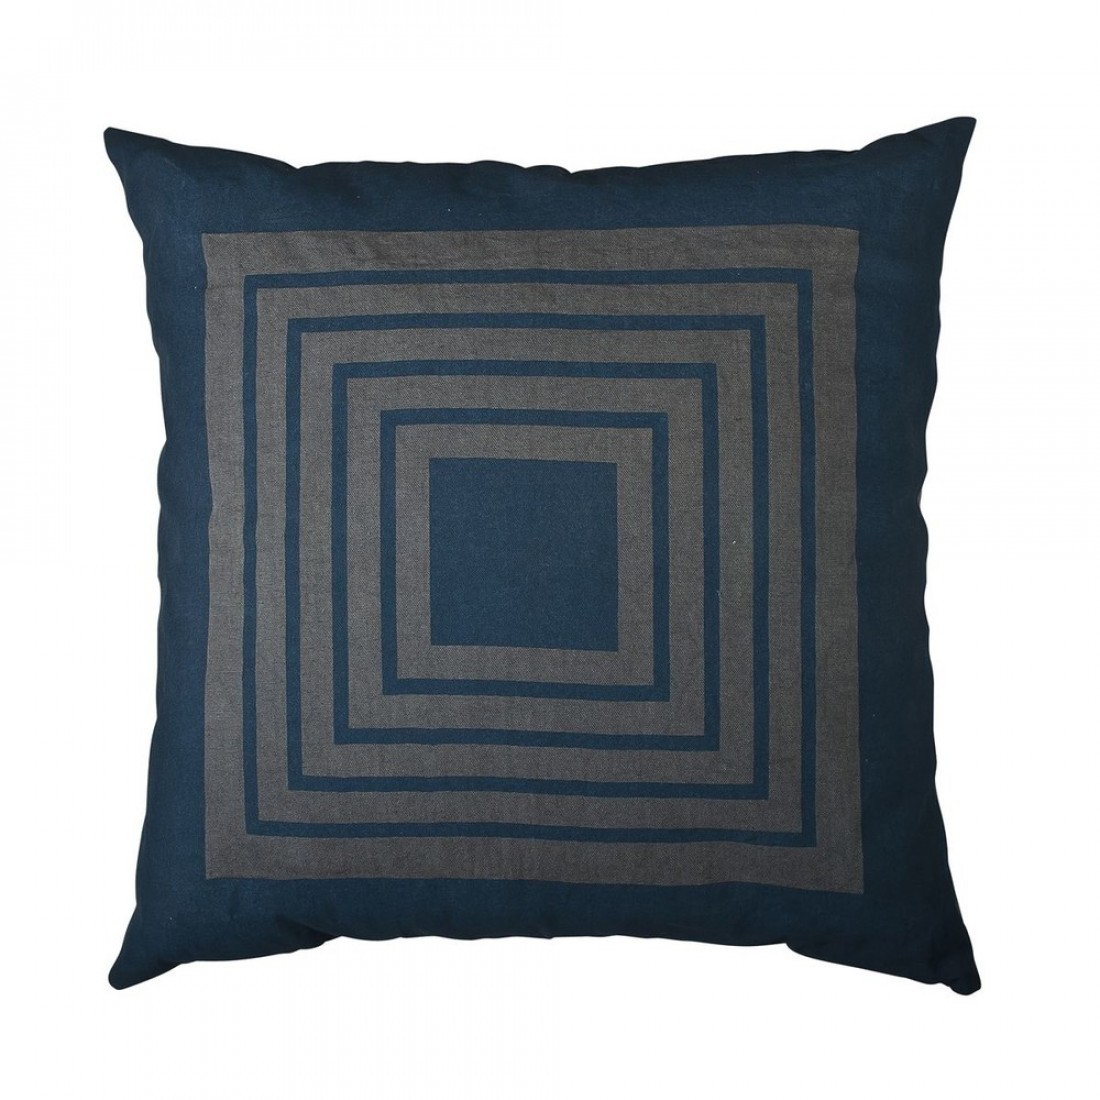 Broste kussenhoes Maze, blauw grijs, 50x50 cm